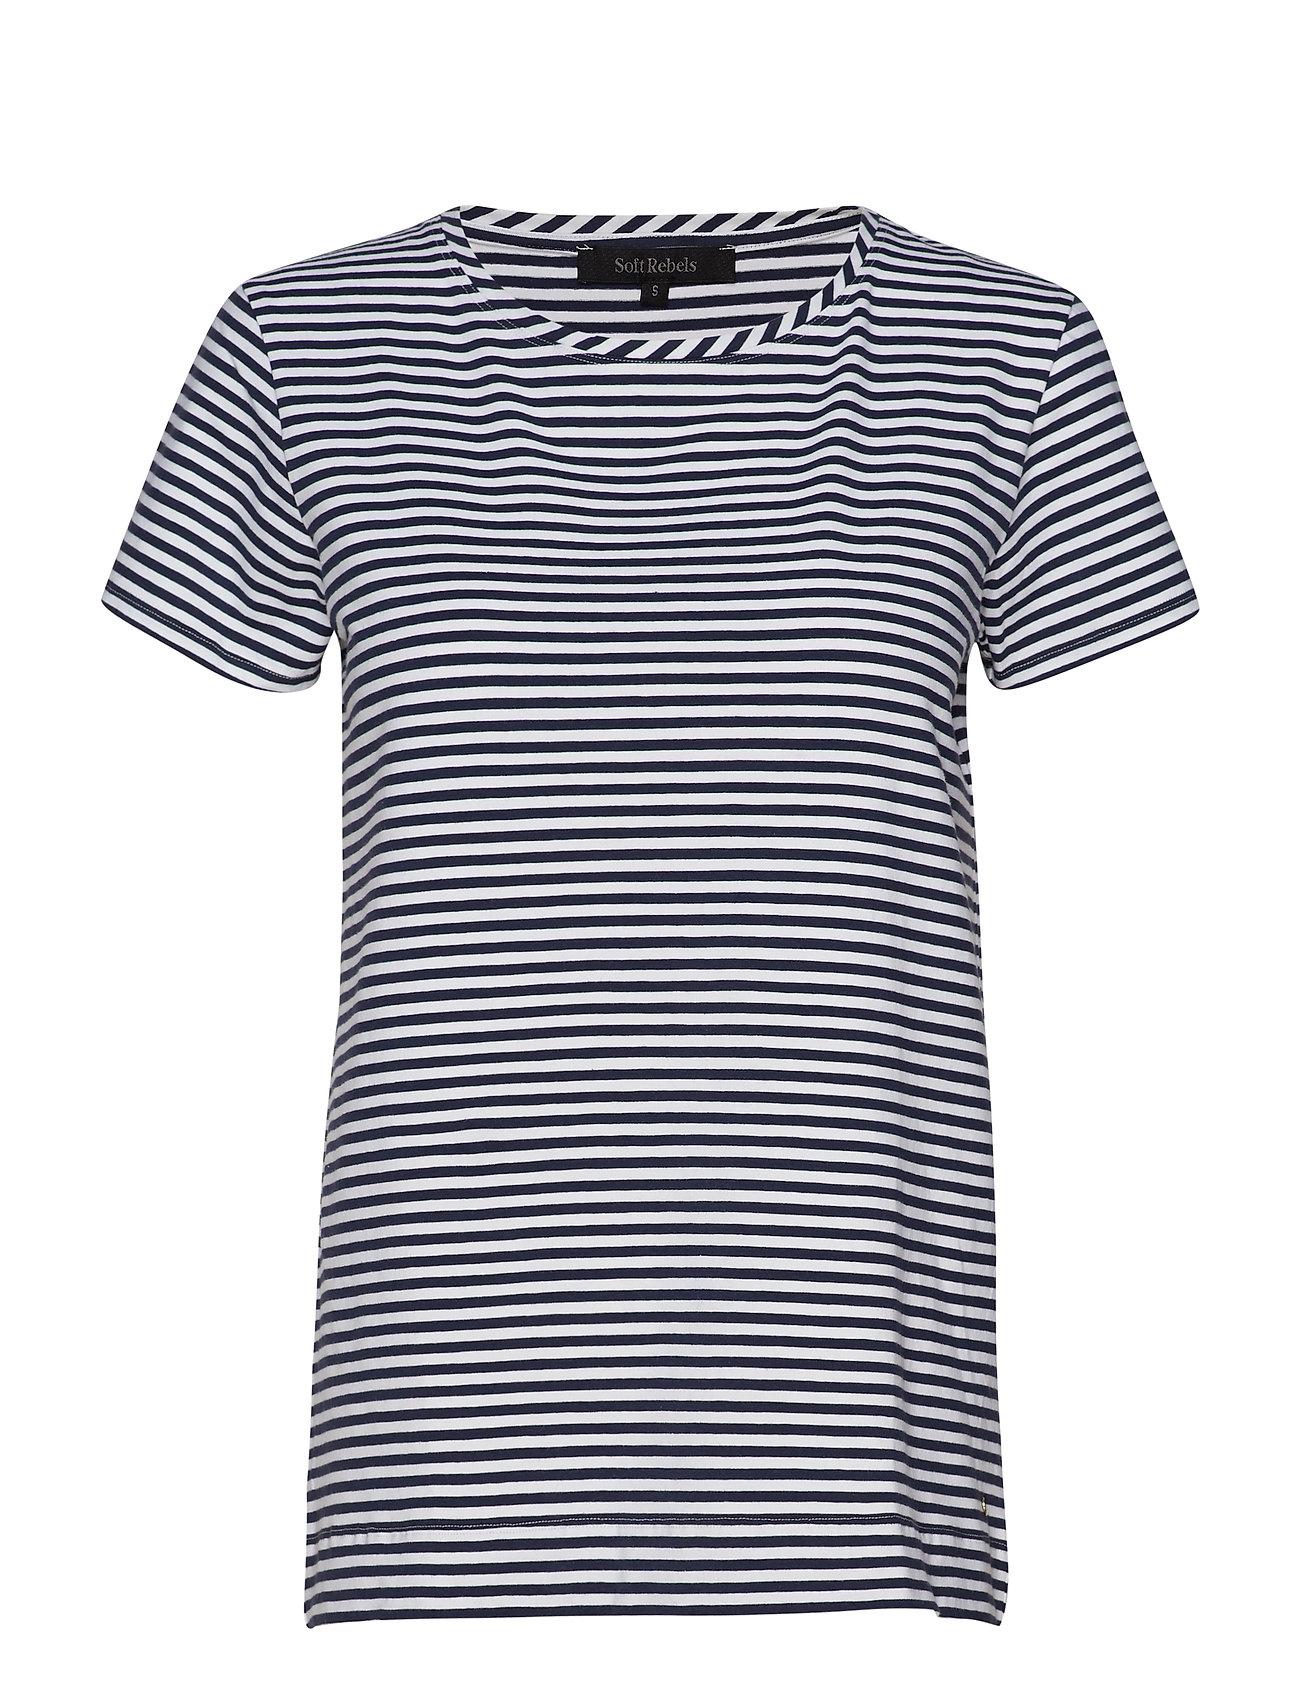 Soft Rebels Elle T-shirt y/d stripes